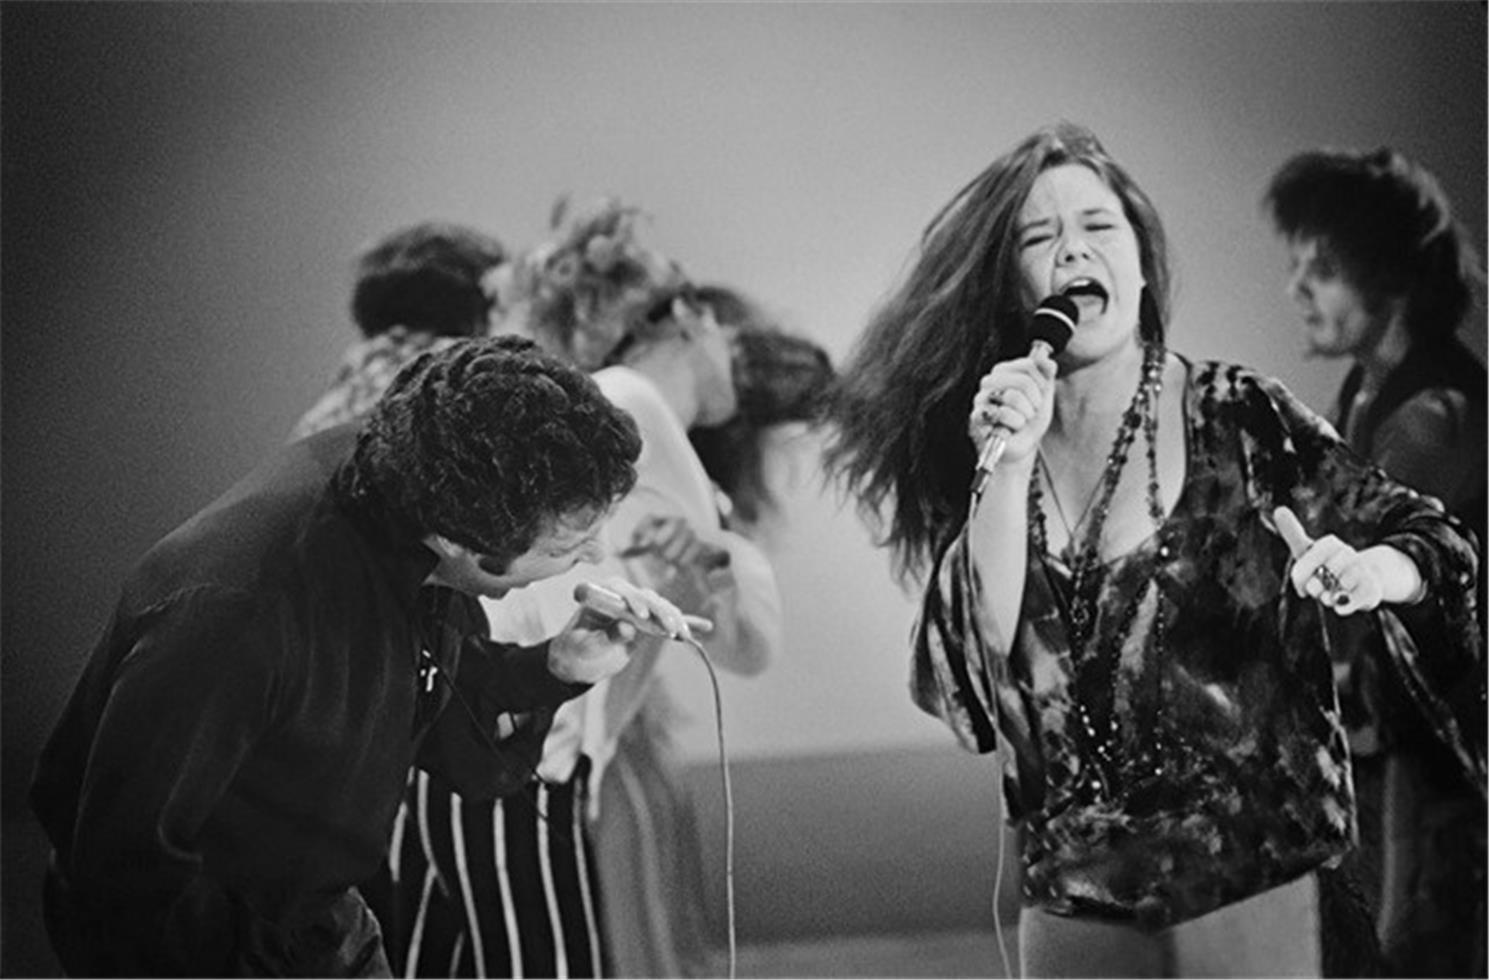 1969. Том Джонс и Дженис Джоплин